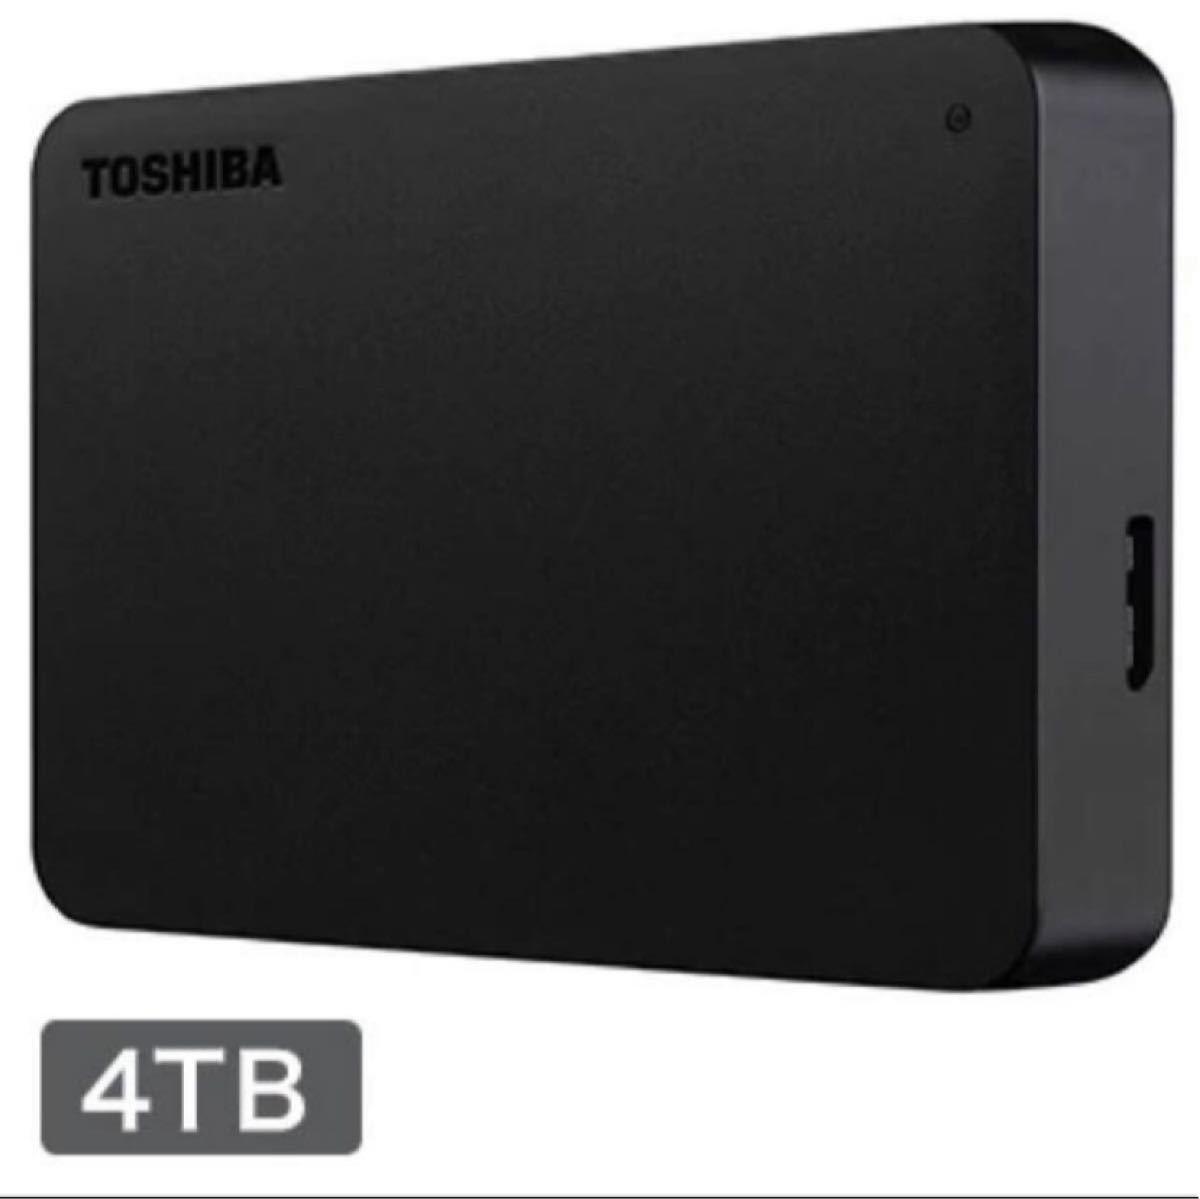 東芝 外付けポータブルハードディスク 4TB ブラック HDAD40AK3-FP